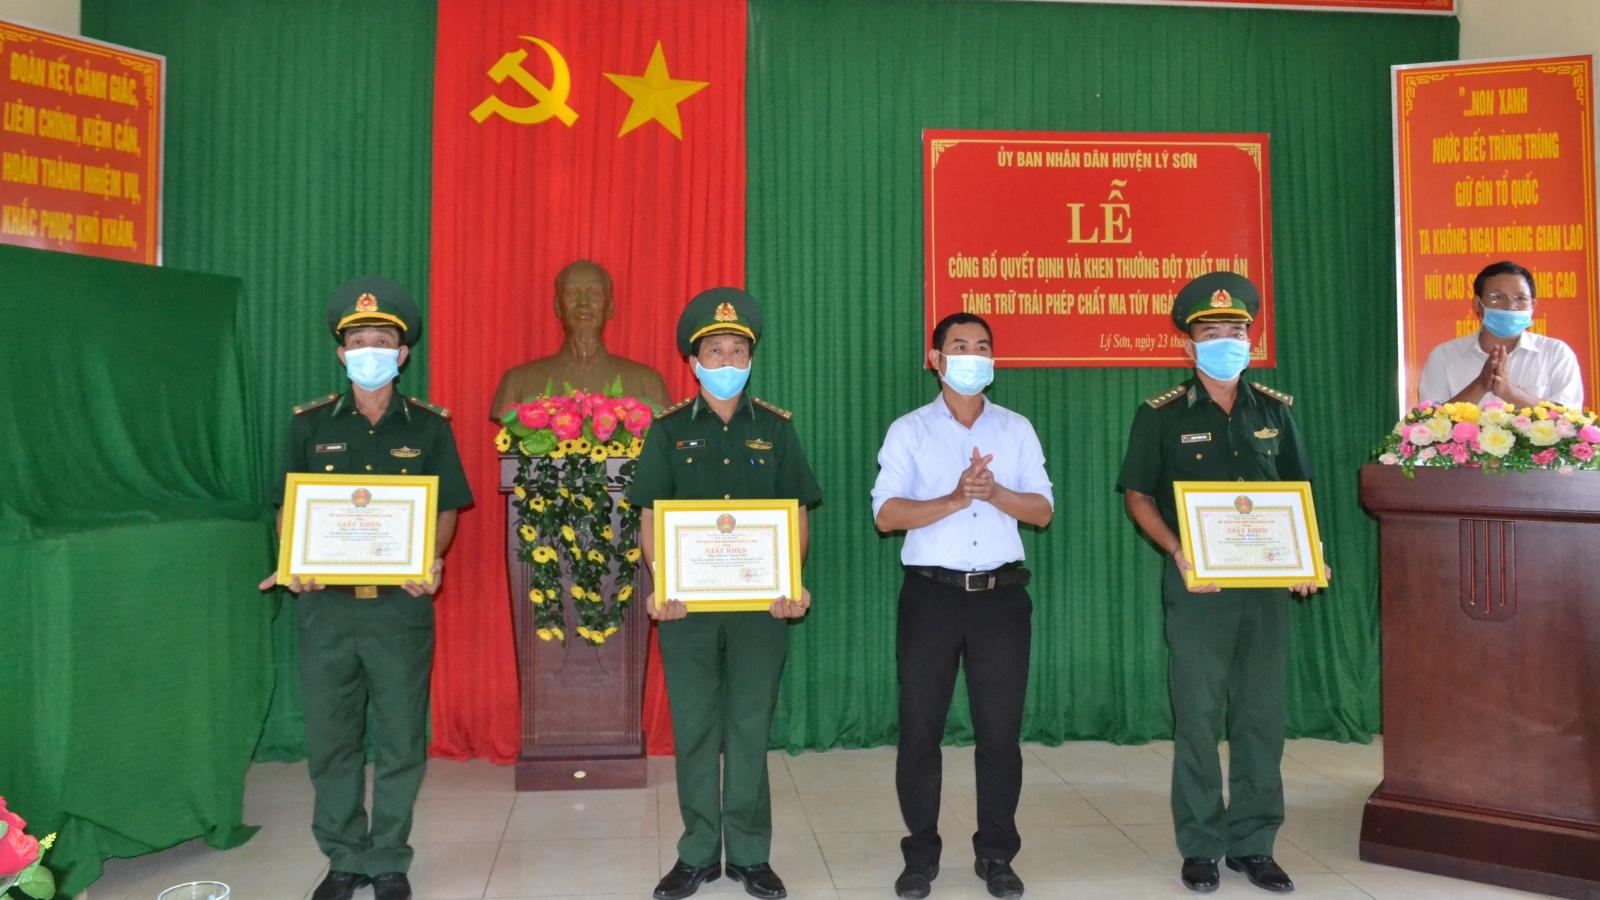 Bắt quả tang đối tượng tàng trữ ma túy ở cầu cảng Lý Sơn